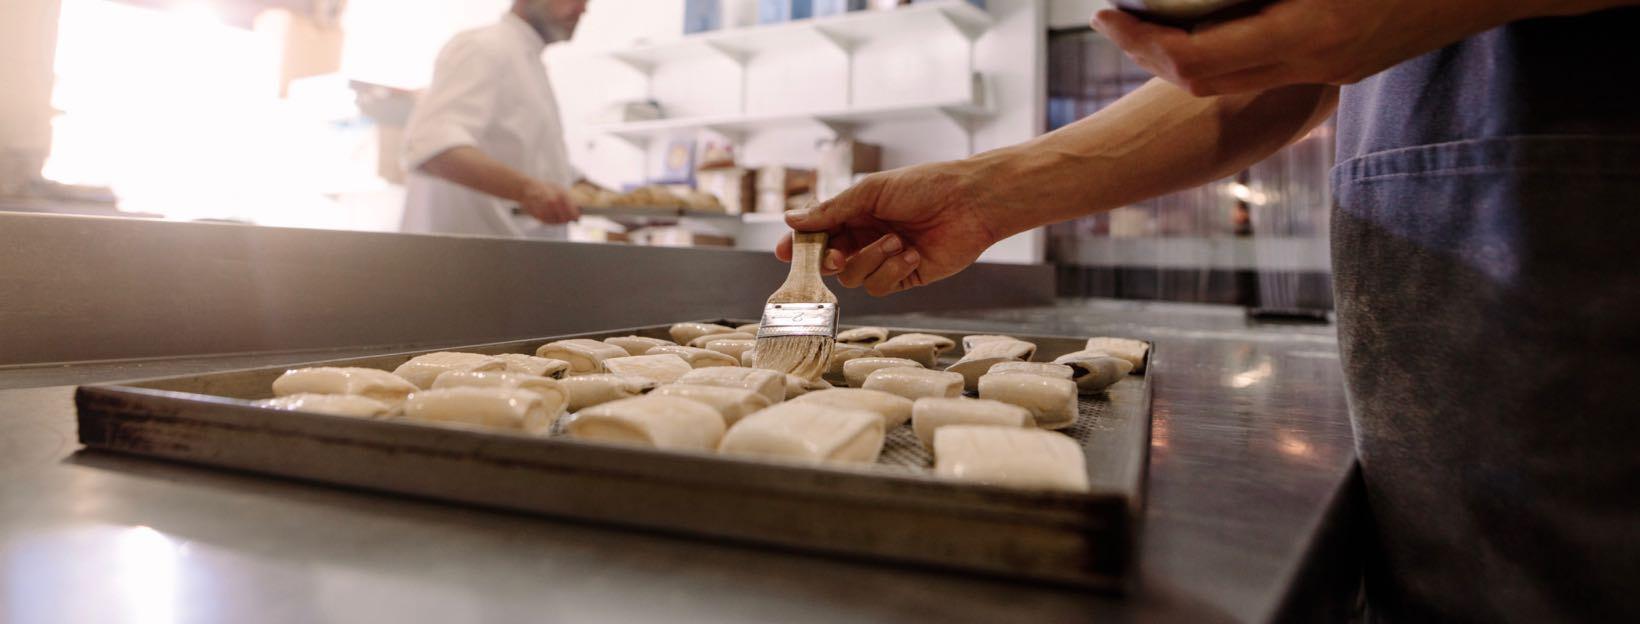 Baker with brush prepares rolls for baking